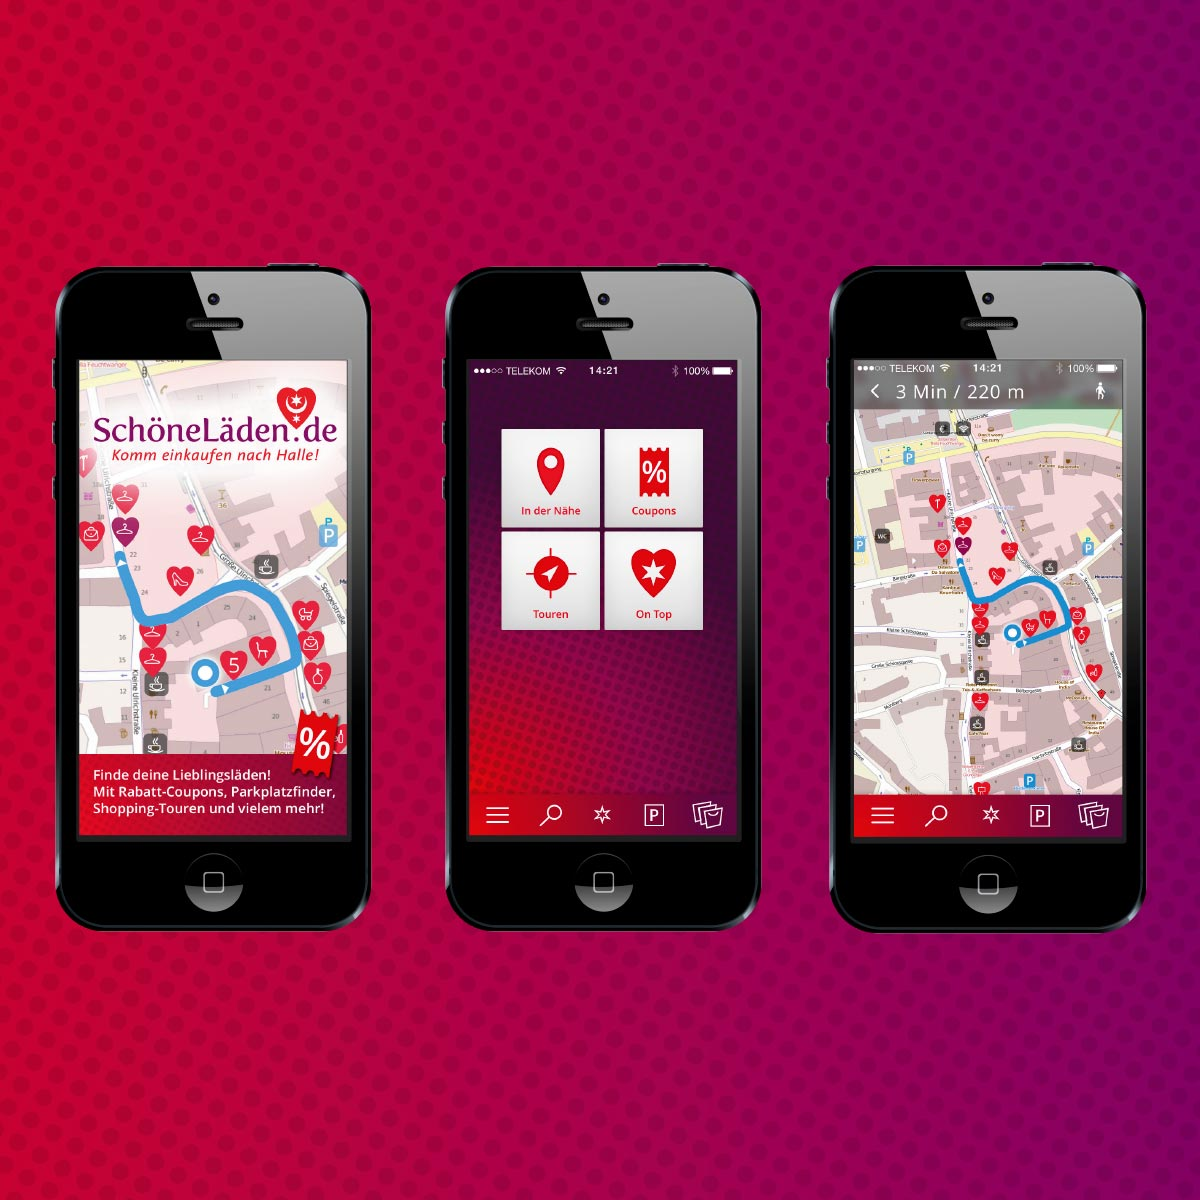 schoenelaeden.de: Smartphone-App mit Shopping-Touren, Rabatt-Coupons...